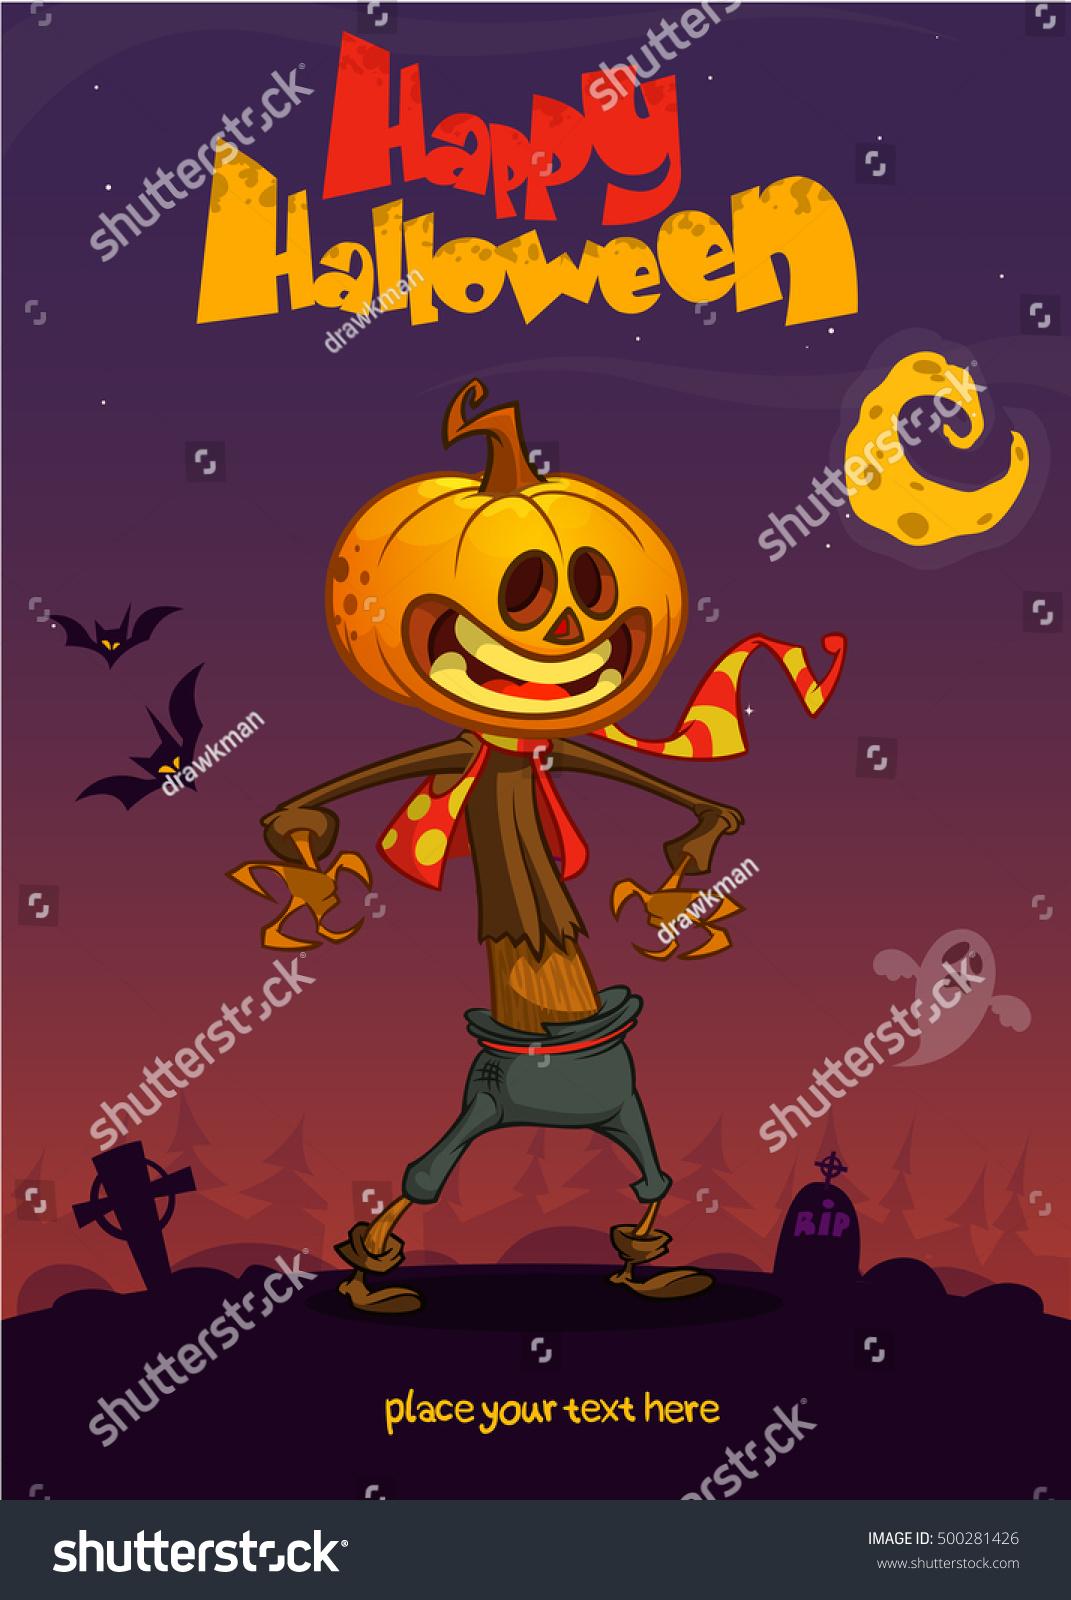 Halloween Cartoon Scarecrow Pumpkin Head Vector Stock Vector ...